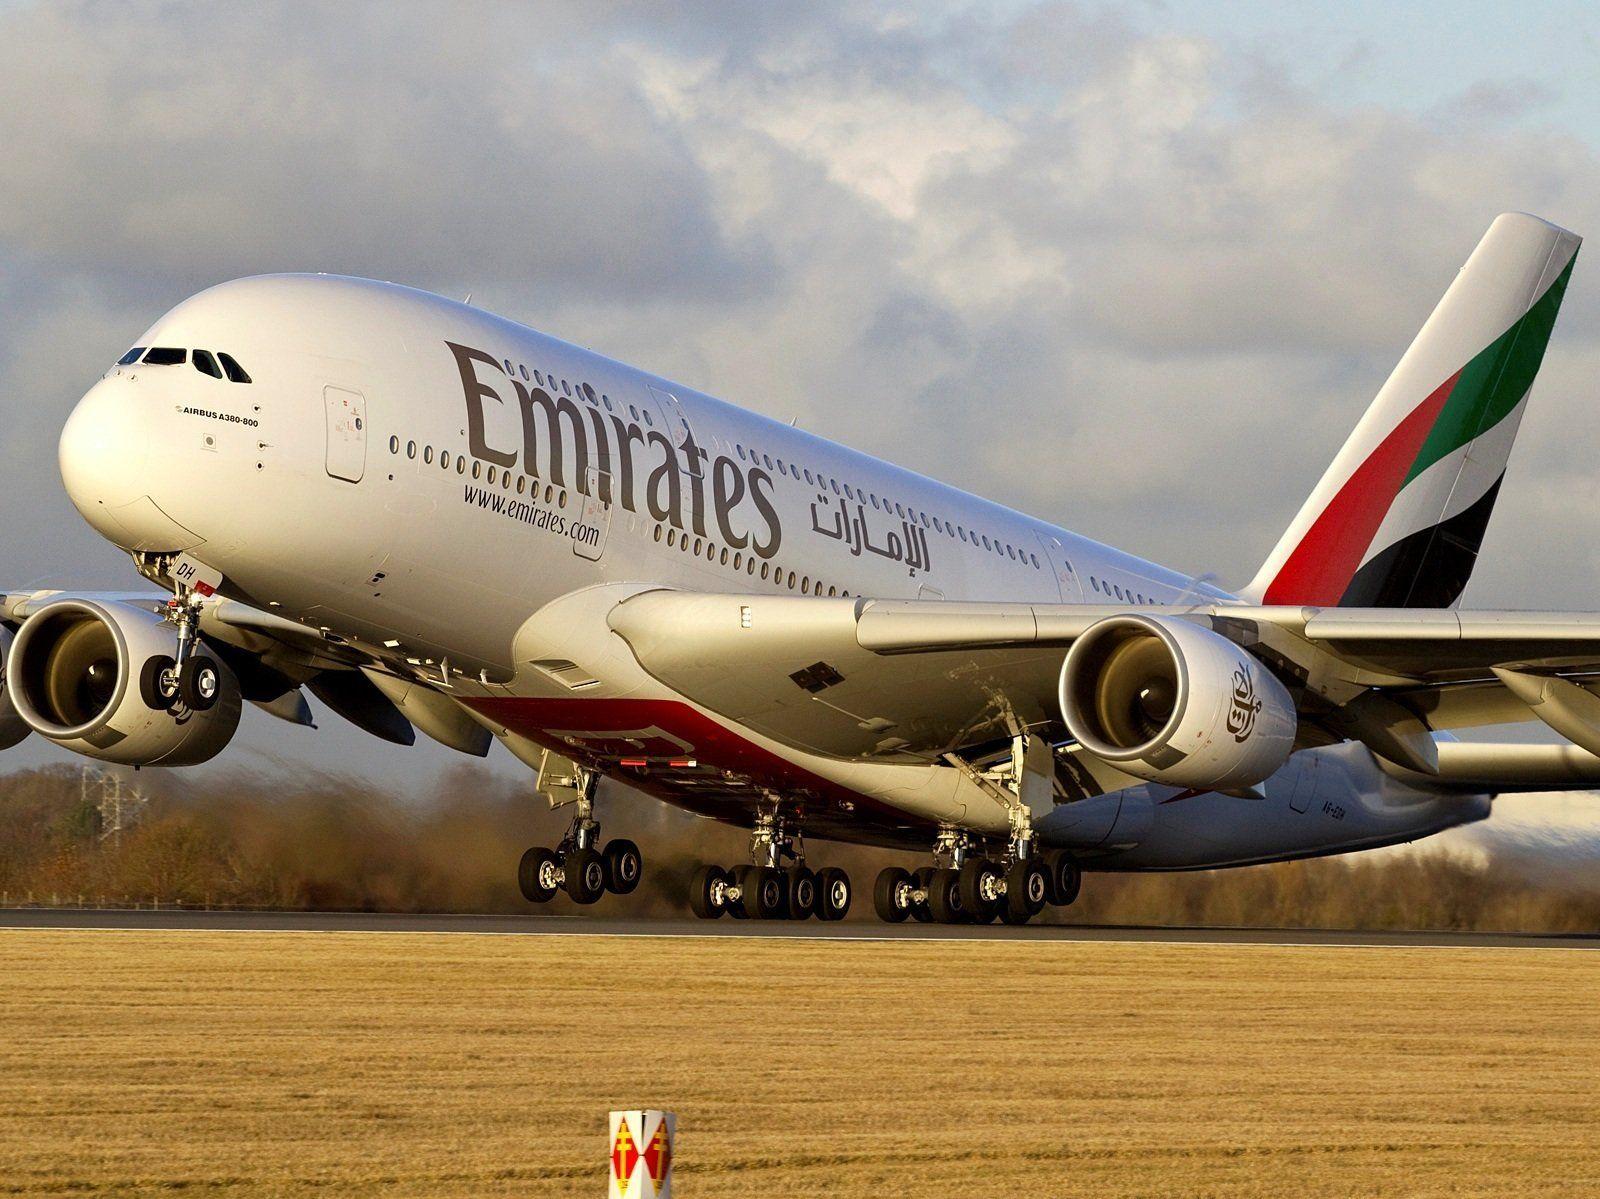 flights to dubai deals | Dubai deals | Emirates airbus